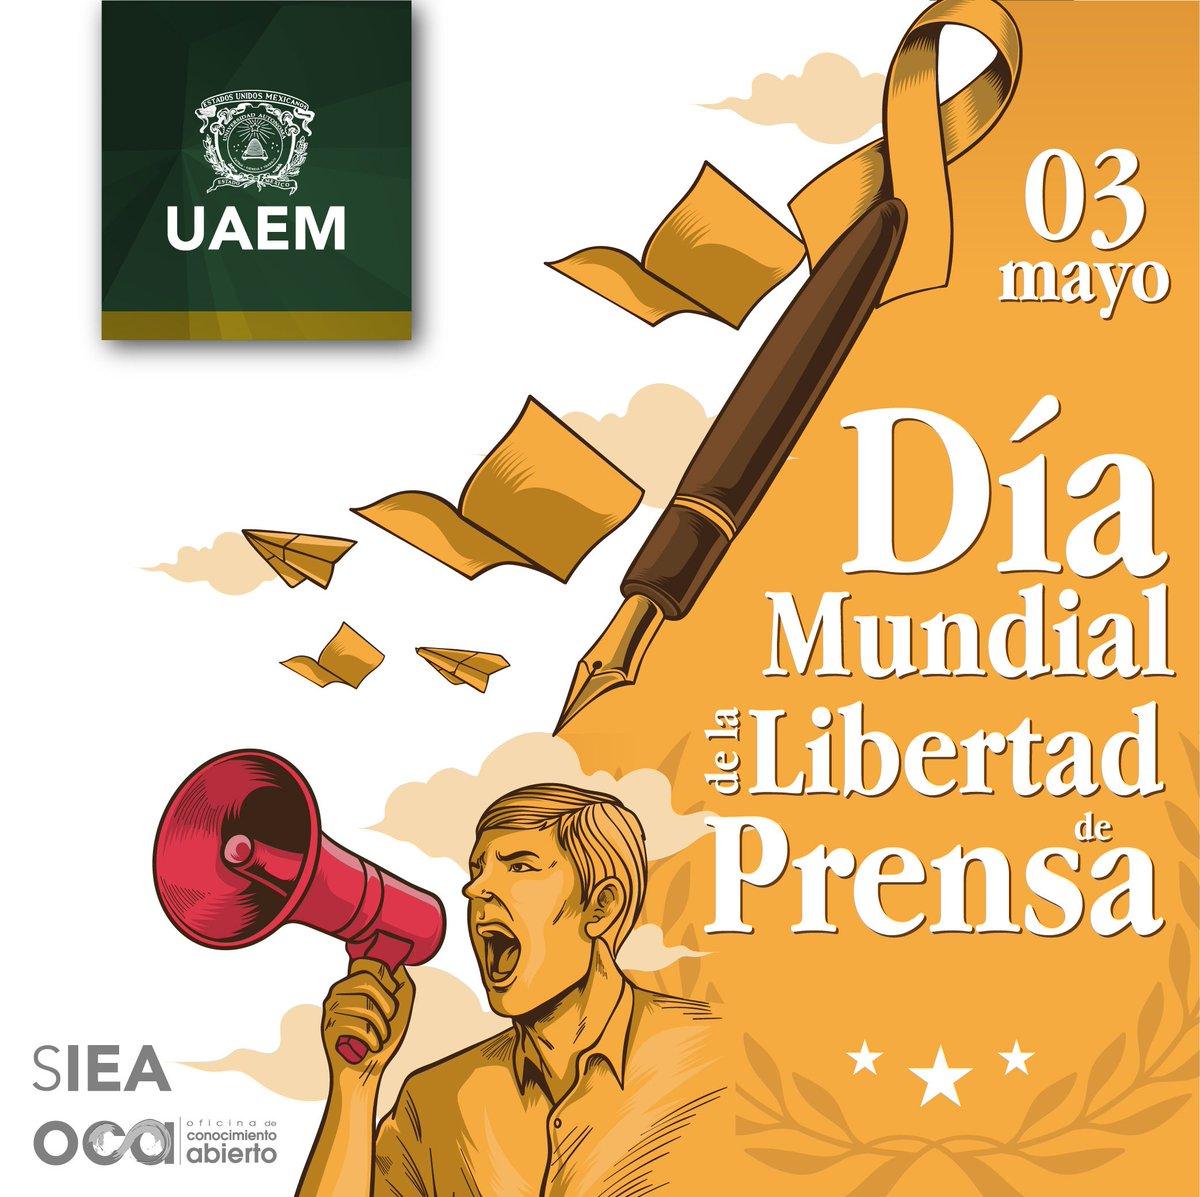 #MiUniversidadEs #AccesoAbierto invitamos a consultar producción sobre #CienciasPoliticasySociales en el @RIUAEM_MX, contamos con +600 documentos disponibles para ti entra a: https://bit.ly/2HJLgo1  @UAEMexFCPySpic.twitter.com/FEbj9o2q6F